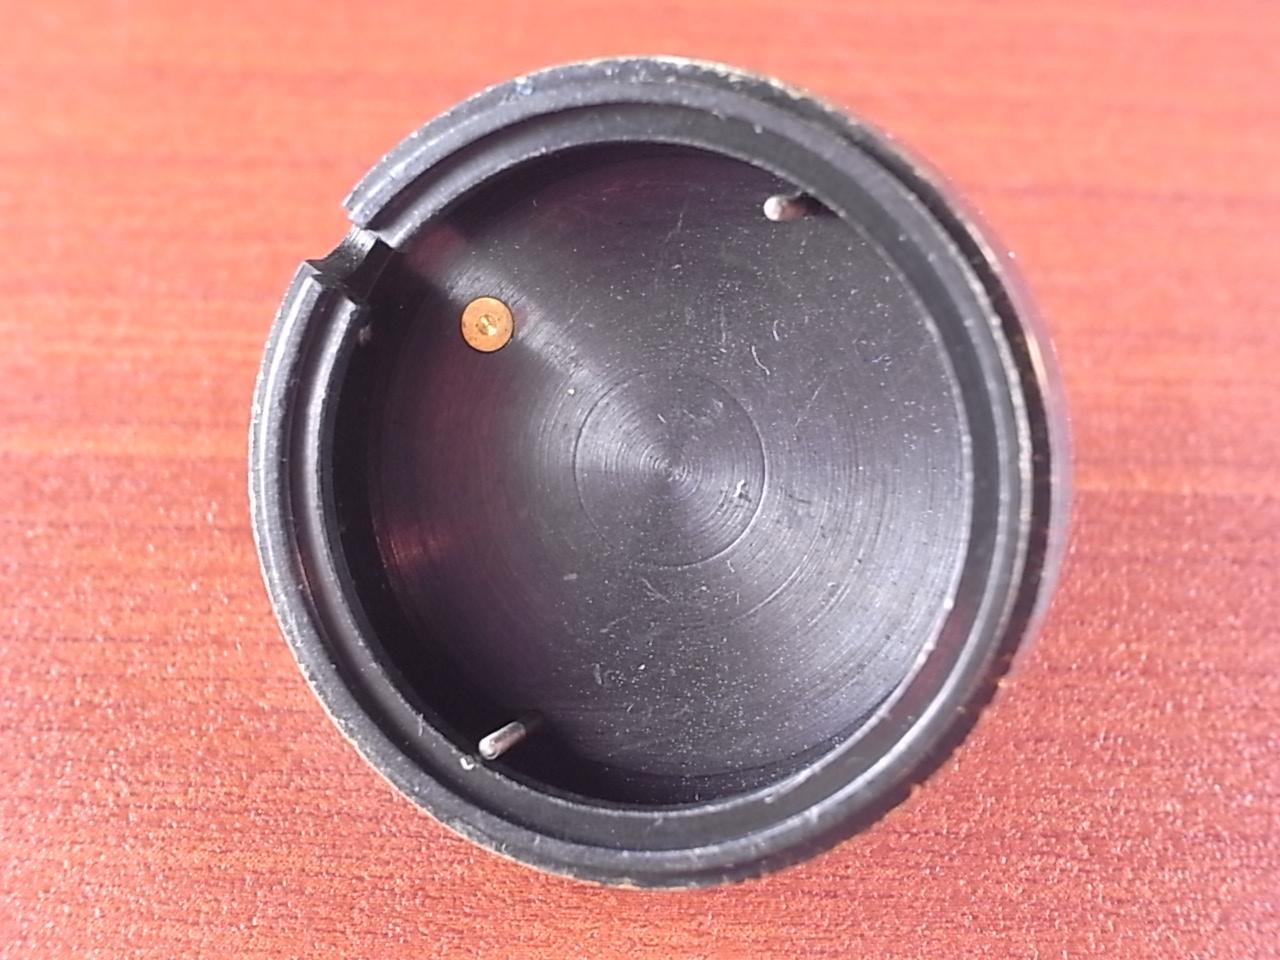 エルジン 米海軍 偵察カメラ用時計 第二次世界大戦 1940年代の写真6枚目